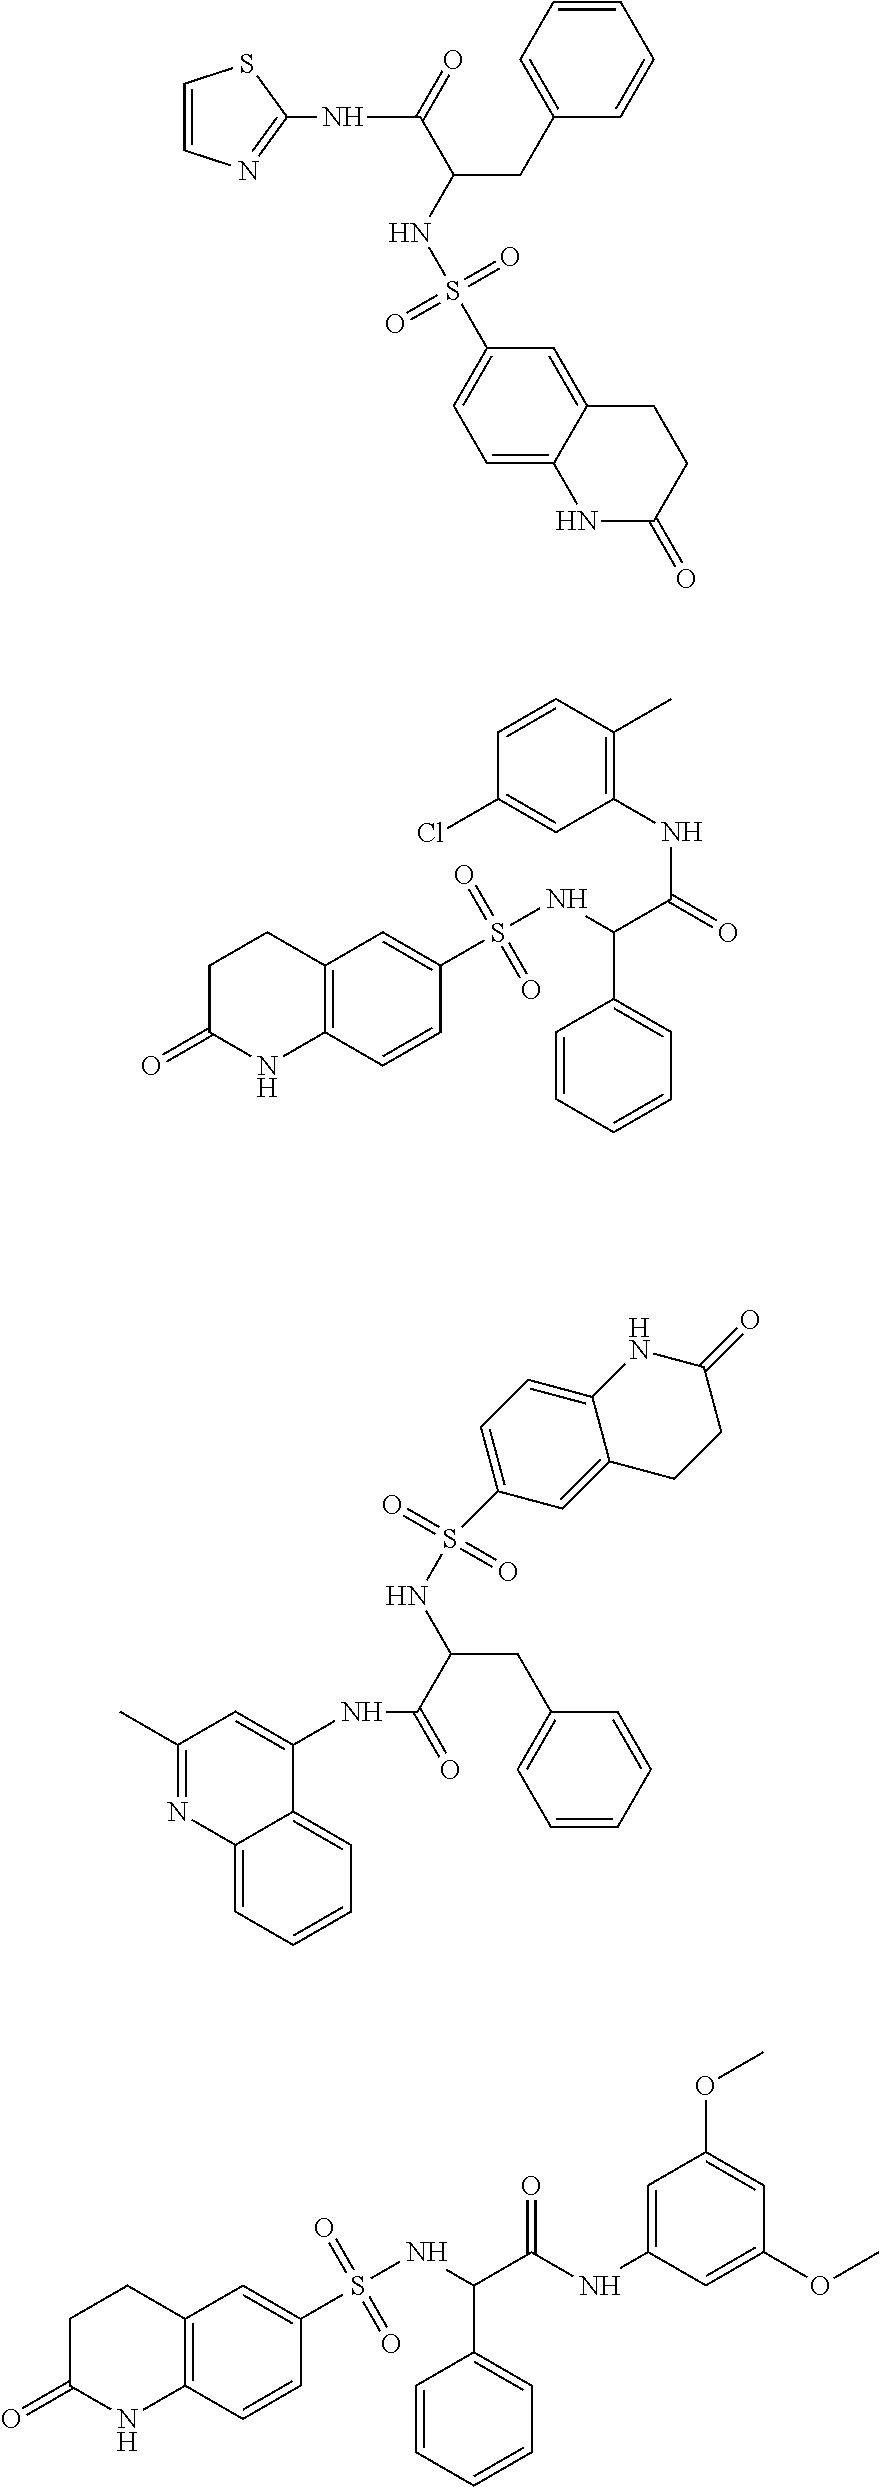 Figure US08957075-20150217-C00004